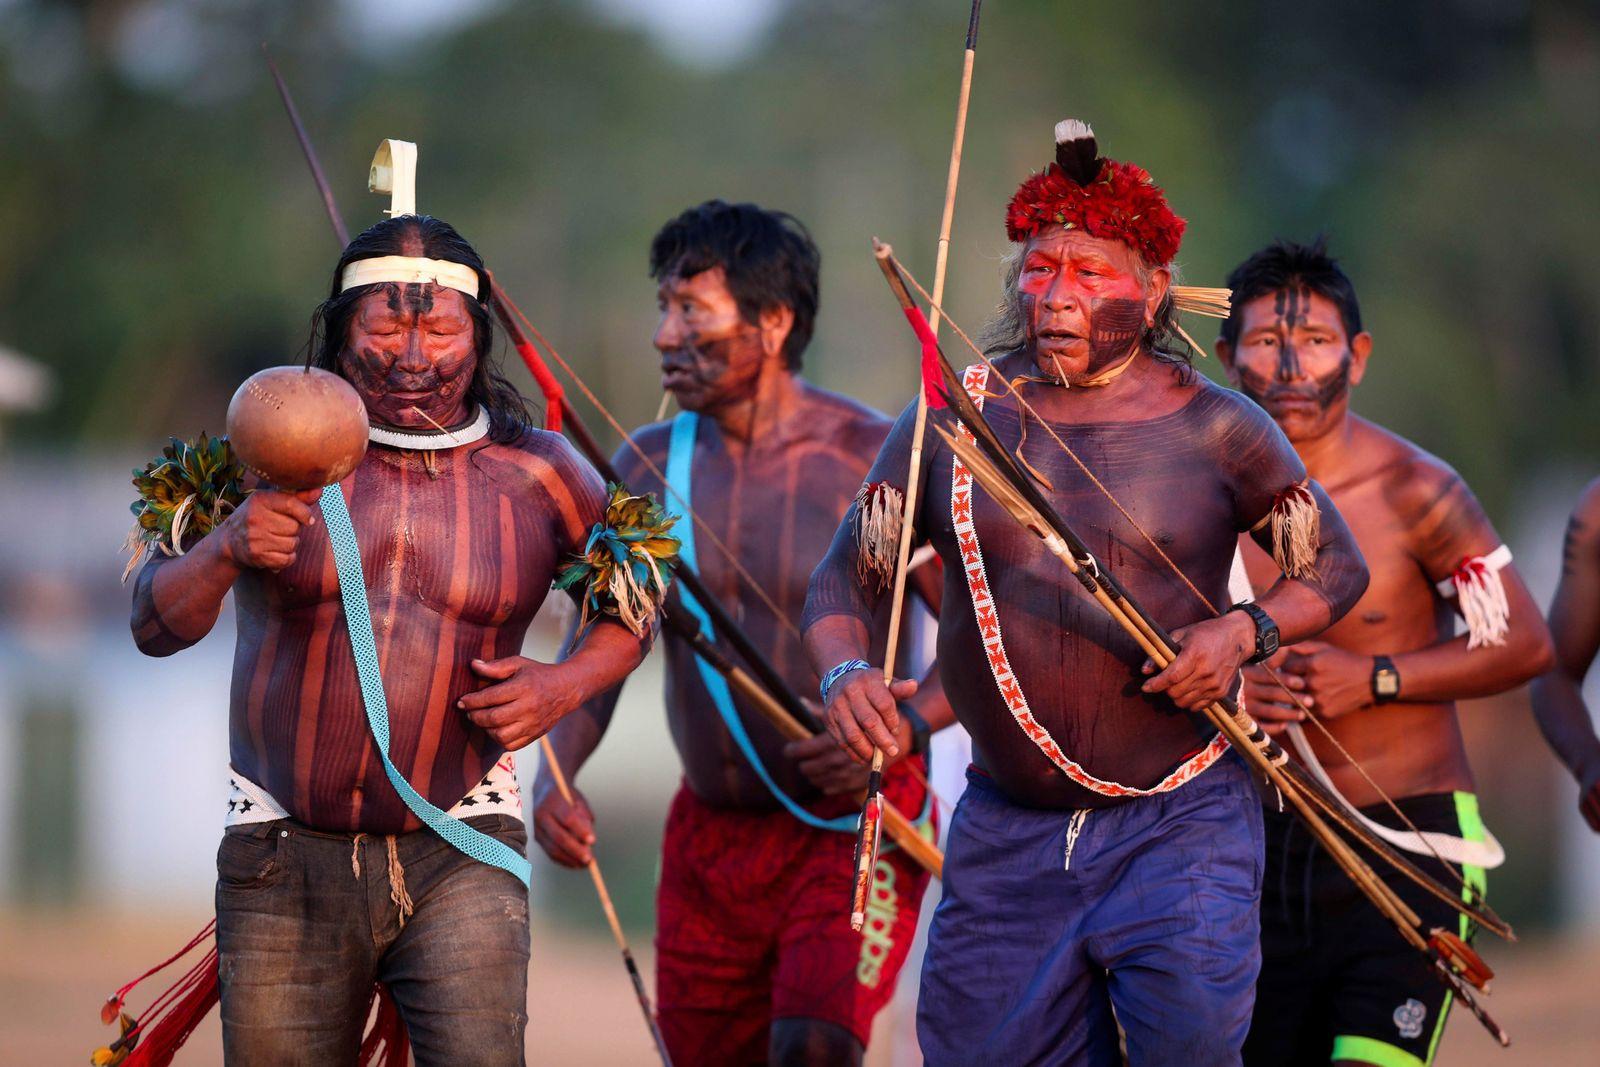 Amazonas Synode/ Umwelt